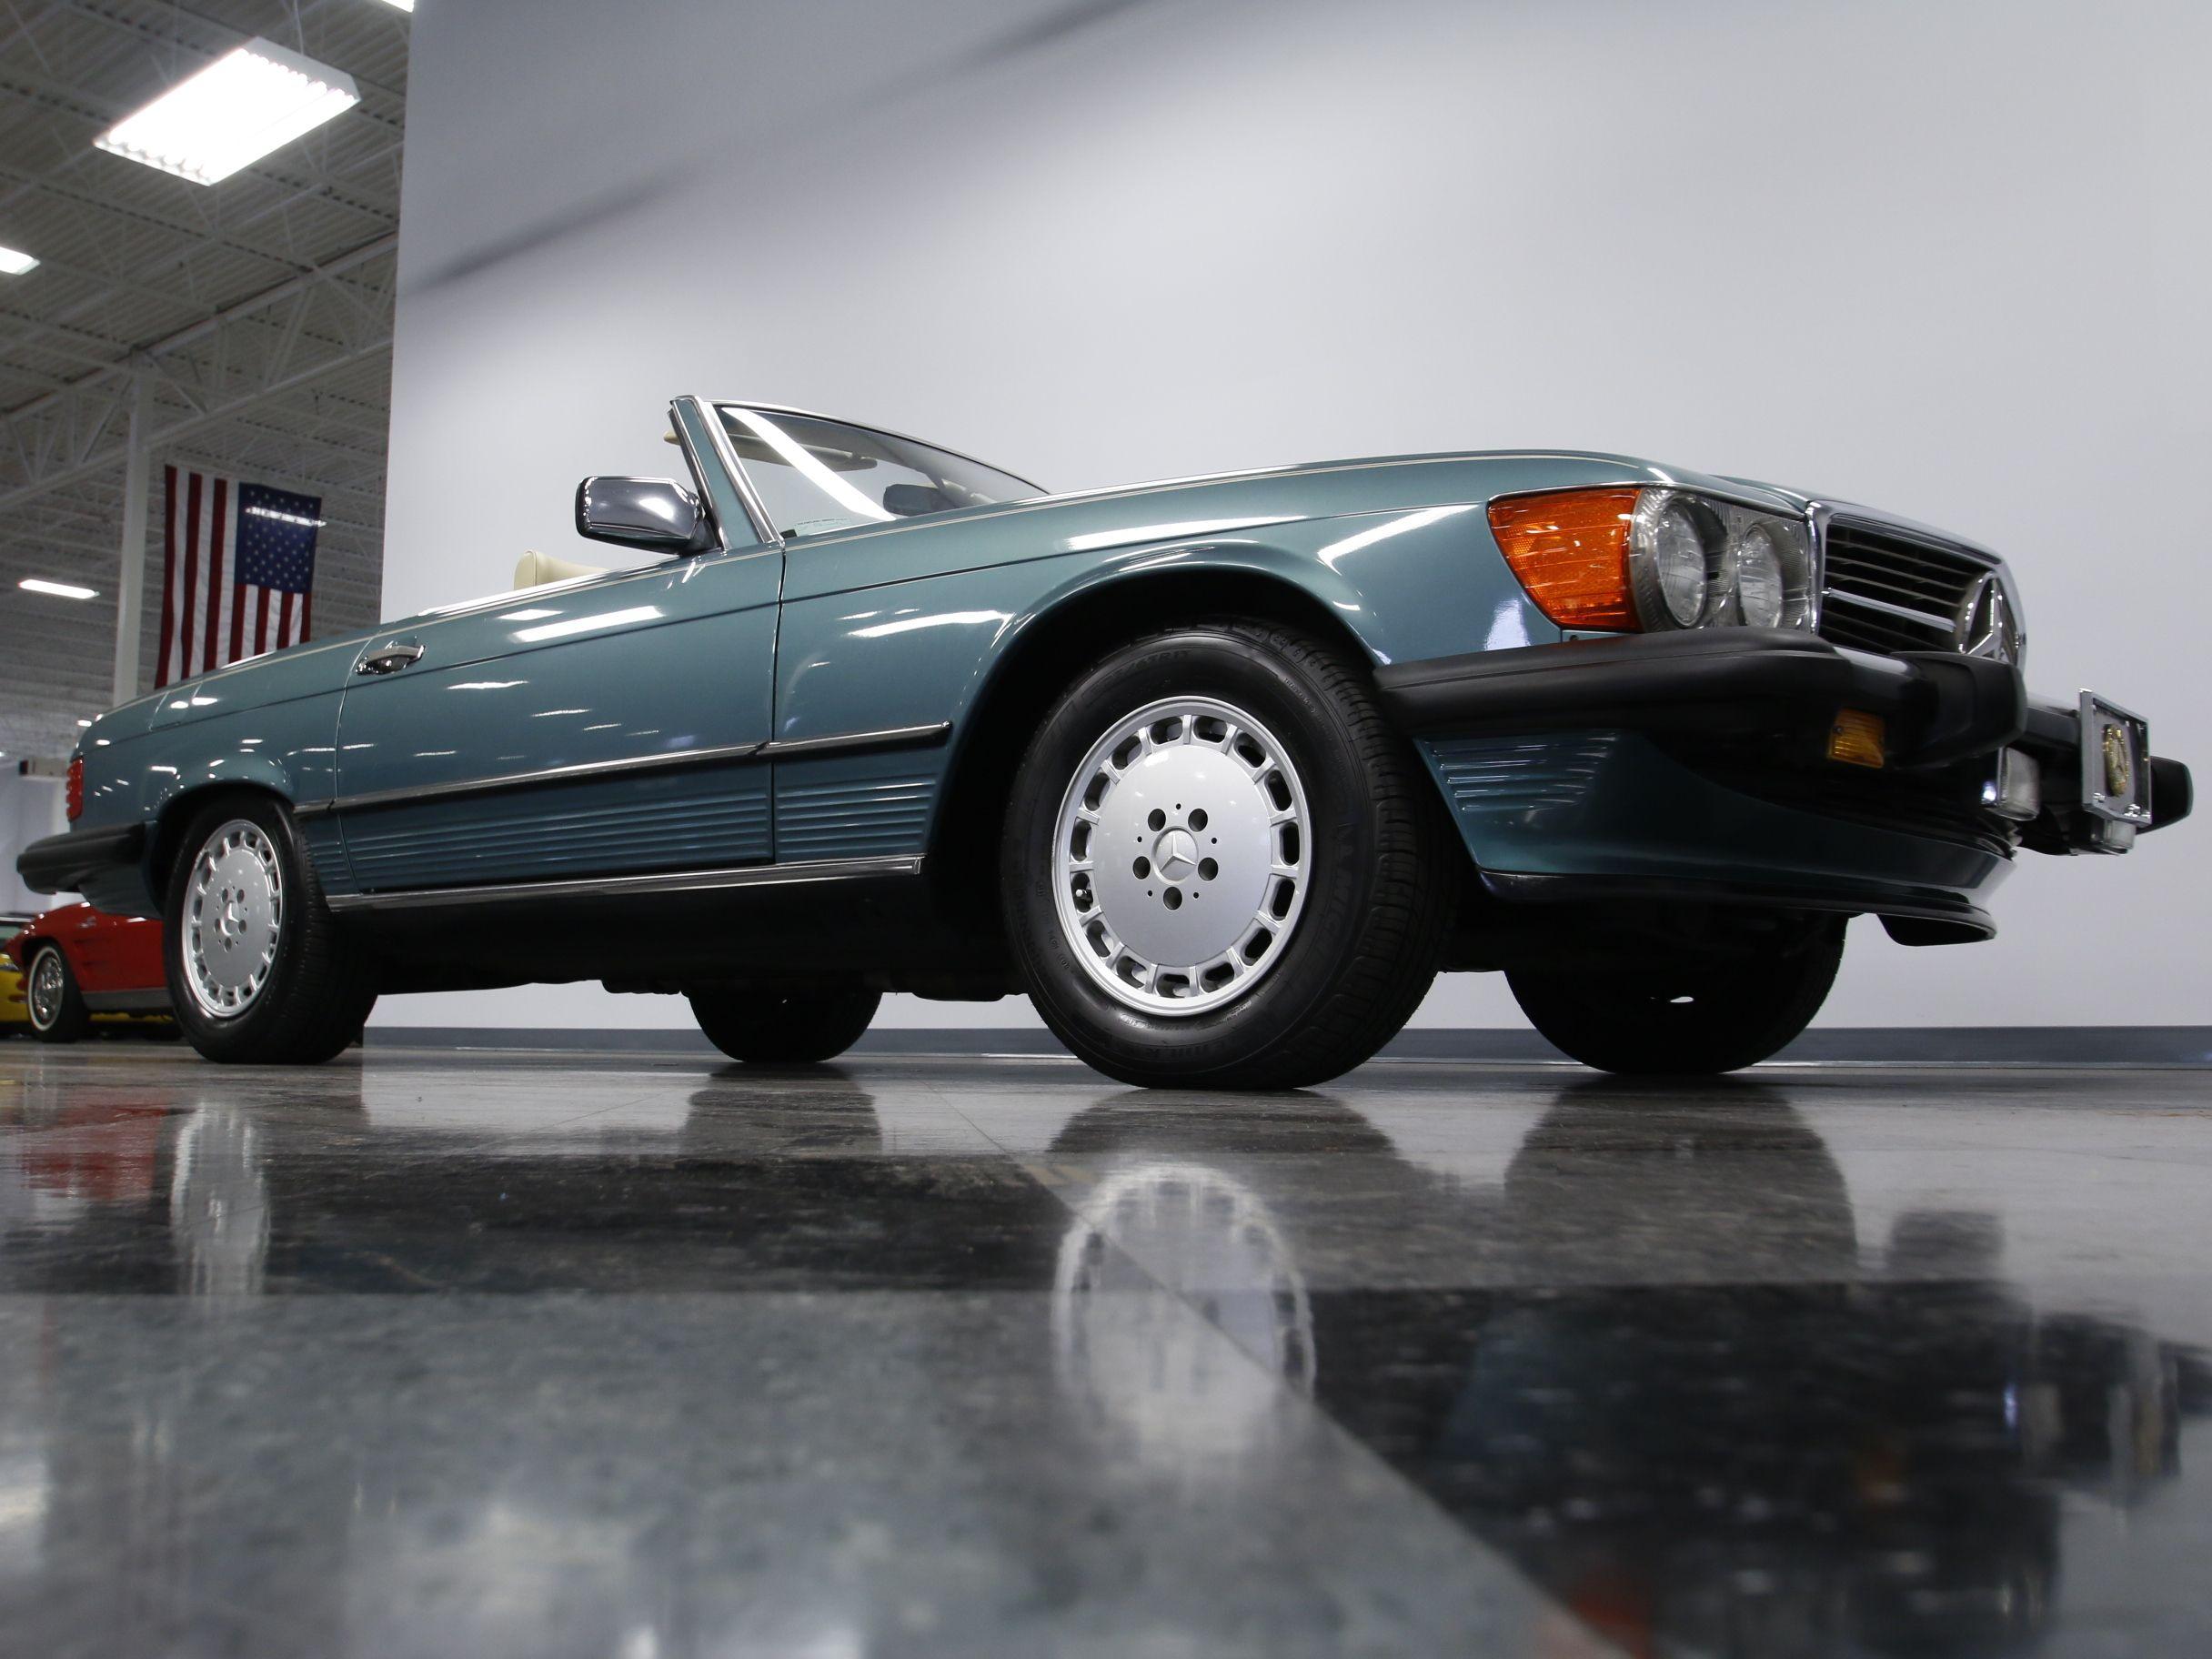 1988 Mercedes-Benz 560SL | Streetside Classics - The Nation\'s Top ...